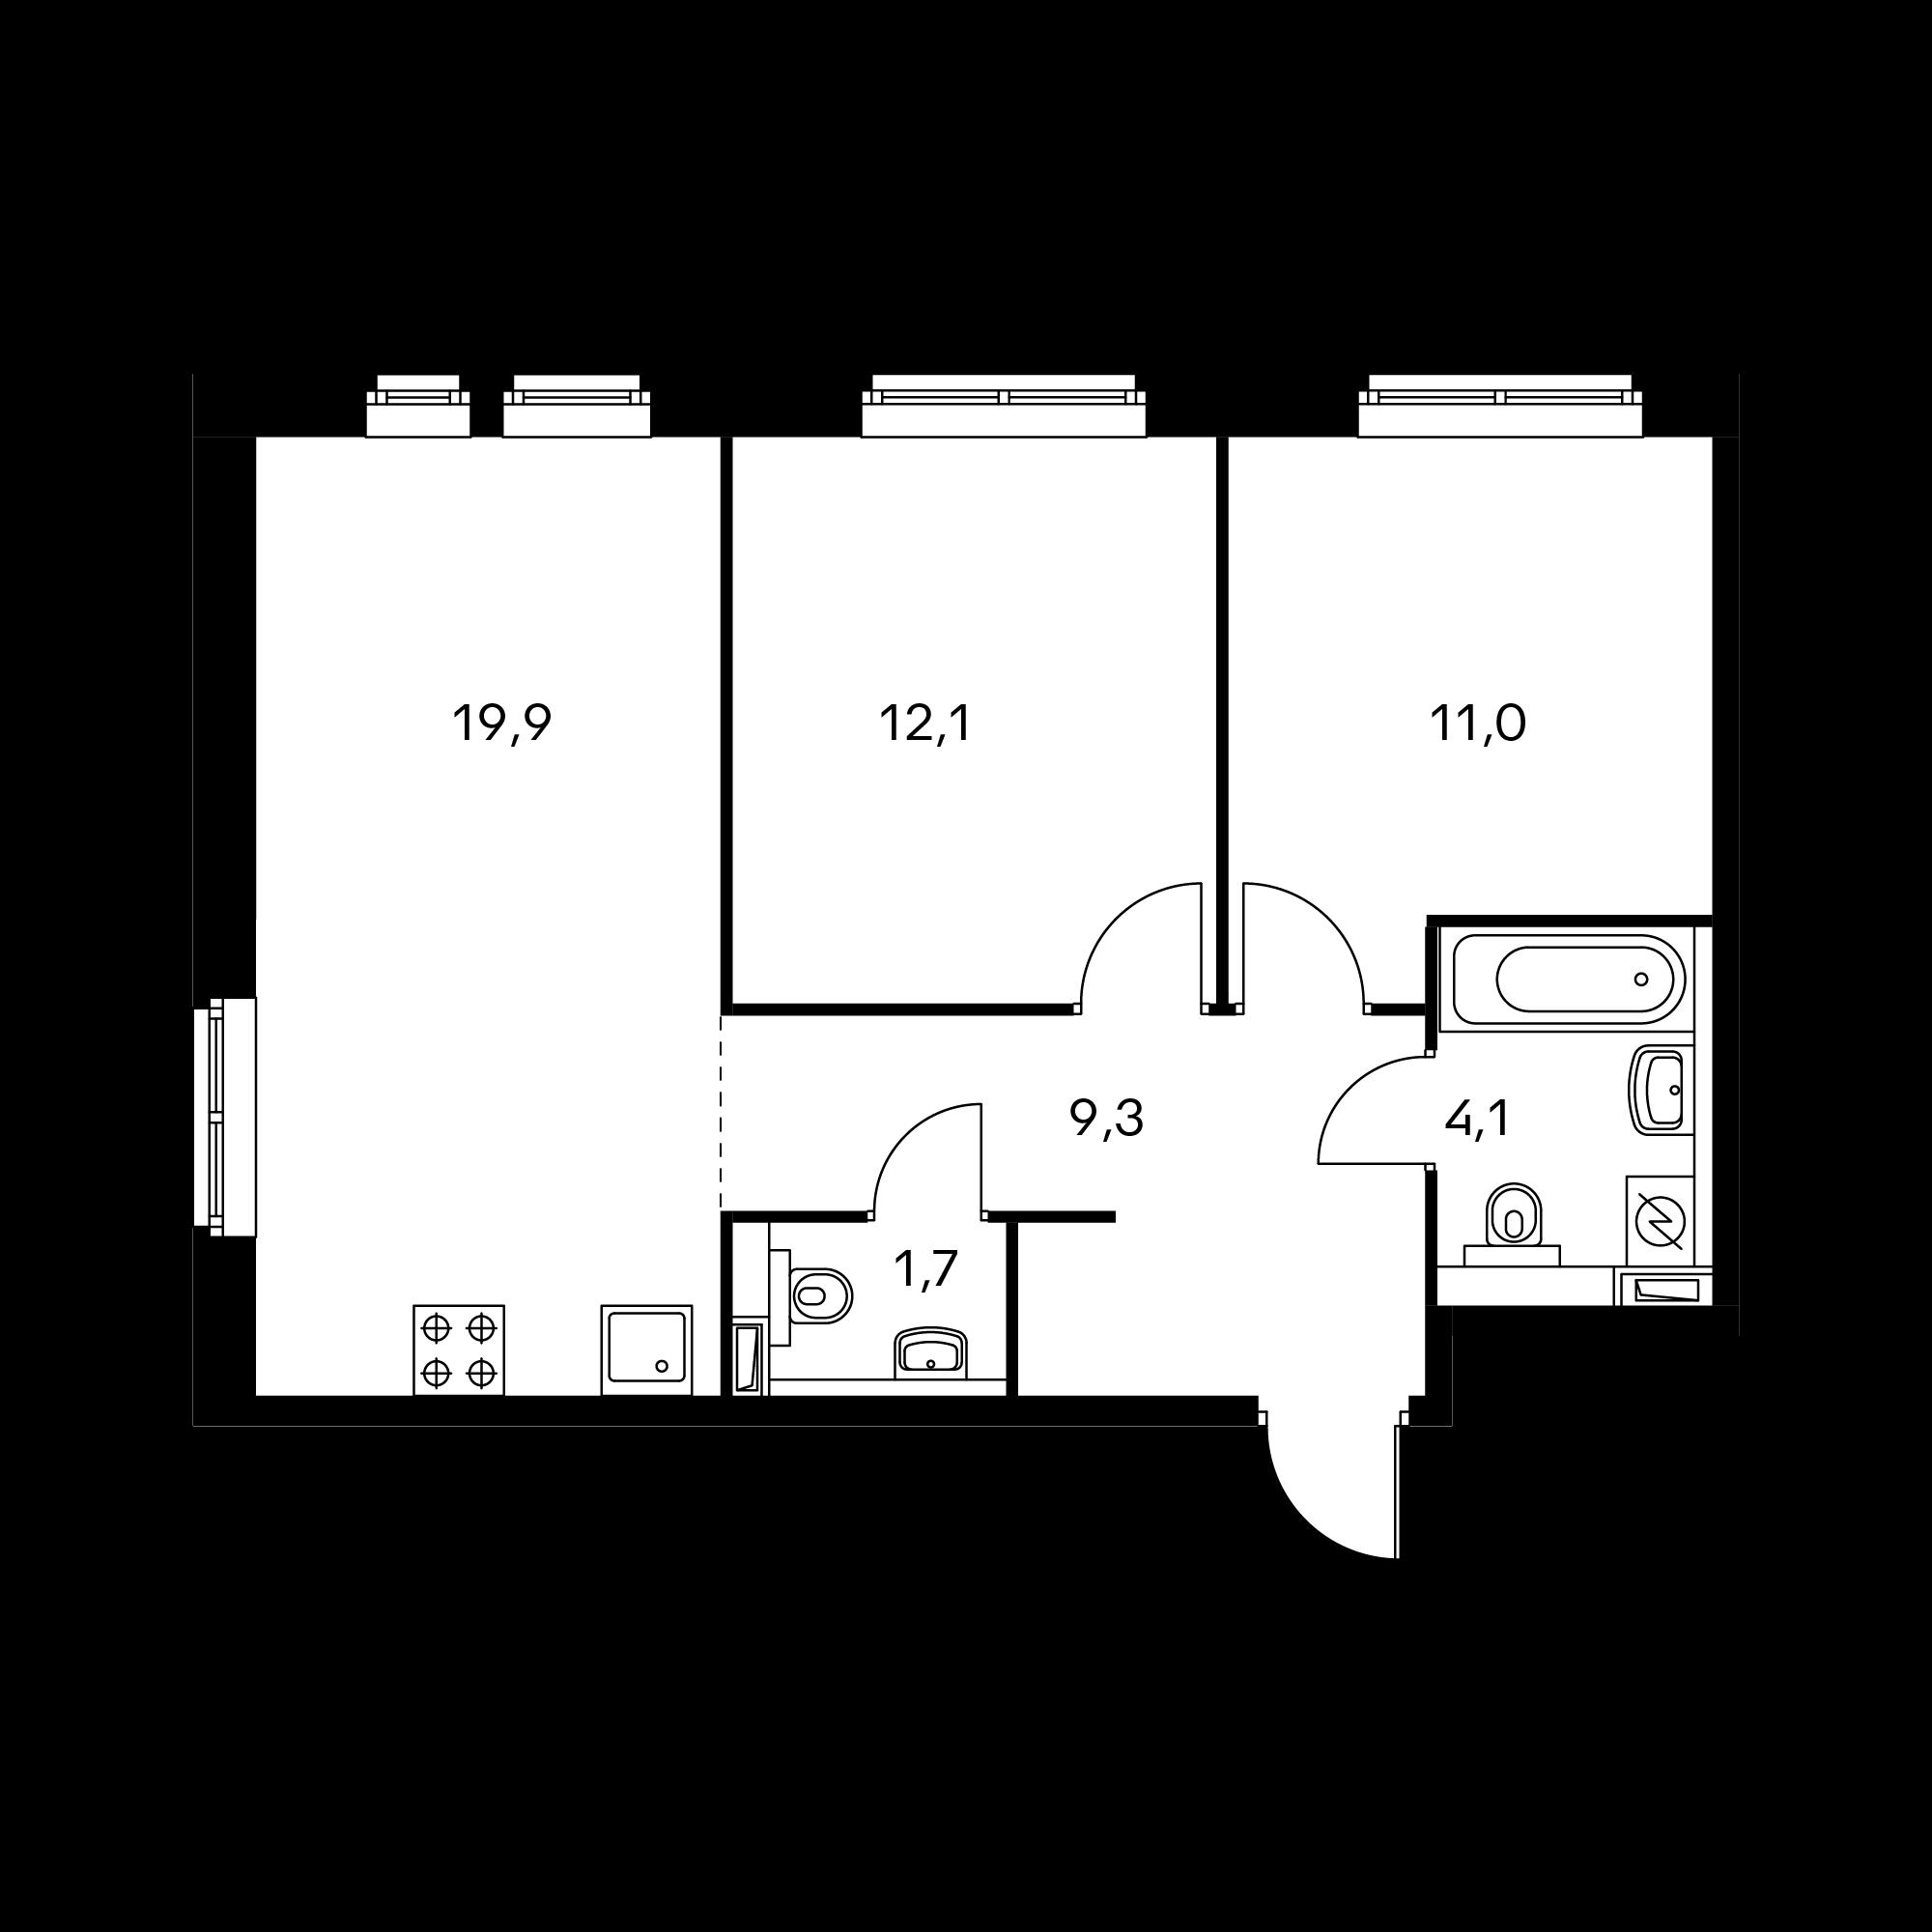 2EM7_9.9-3_T*